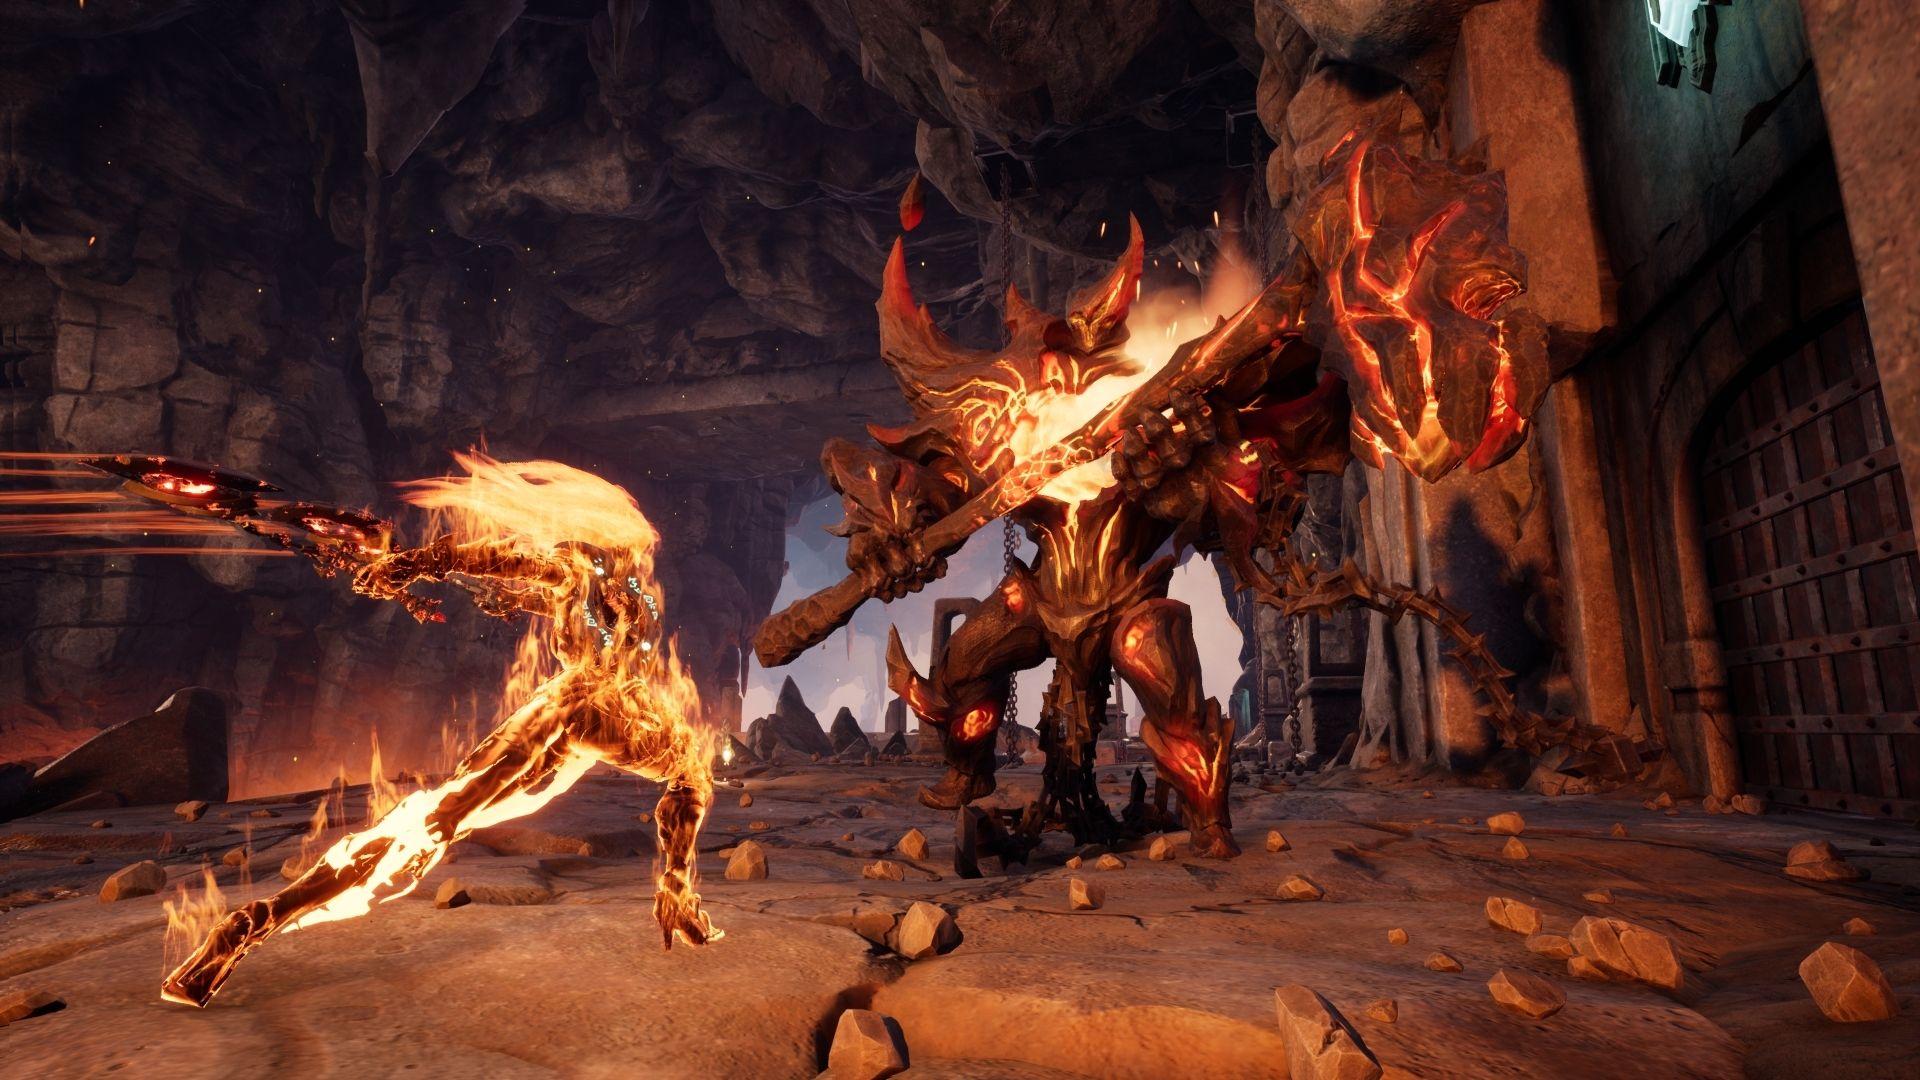 Darksiders III (Xbox One) - 6